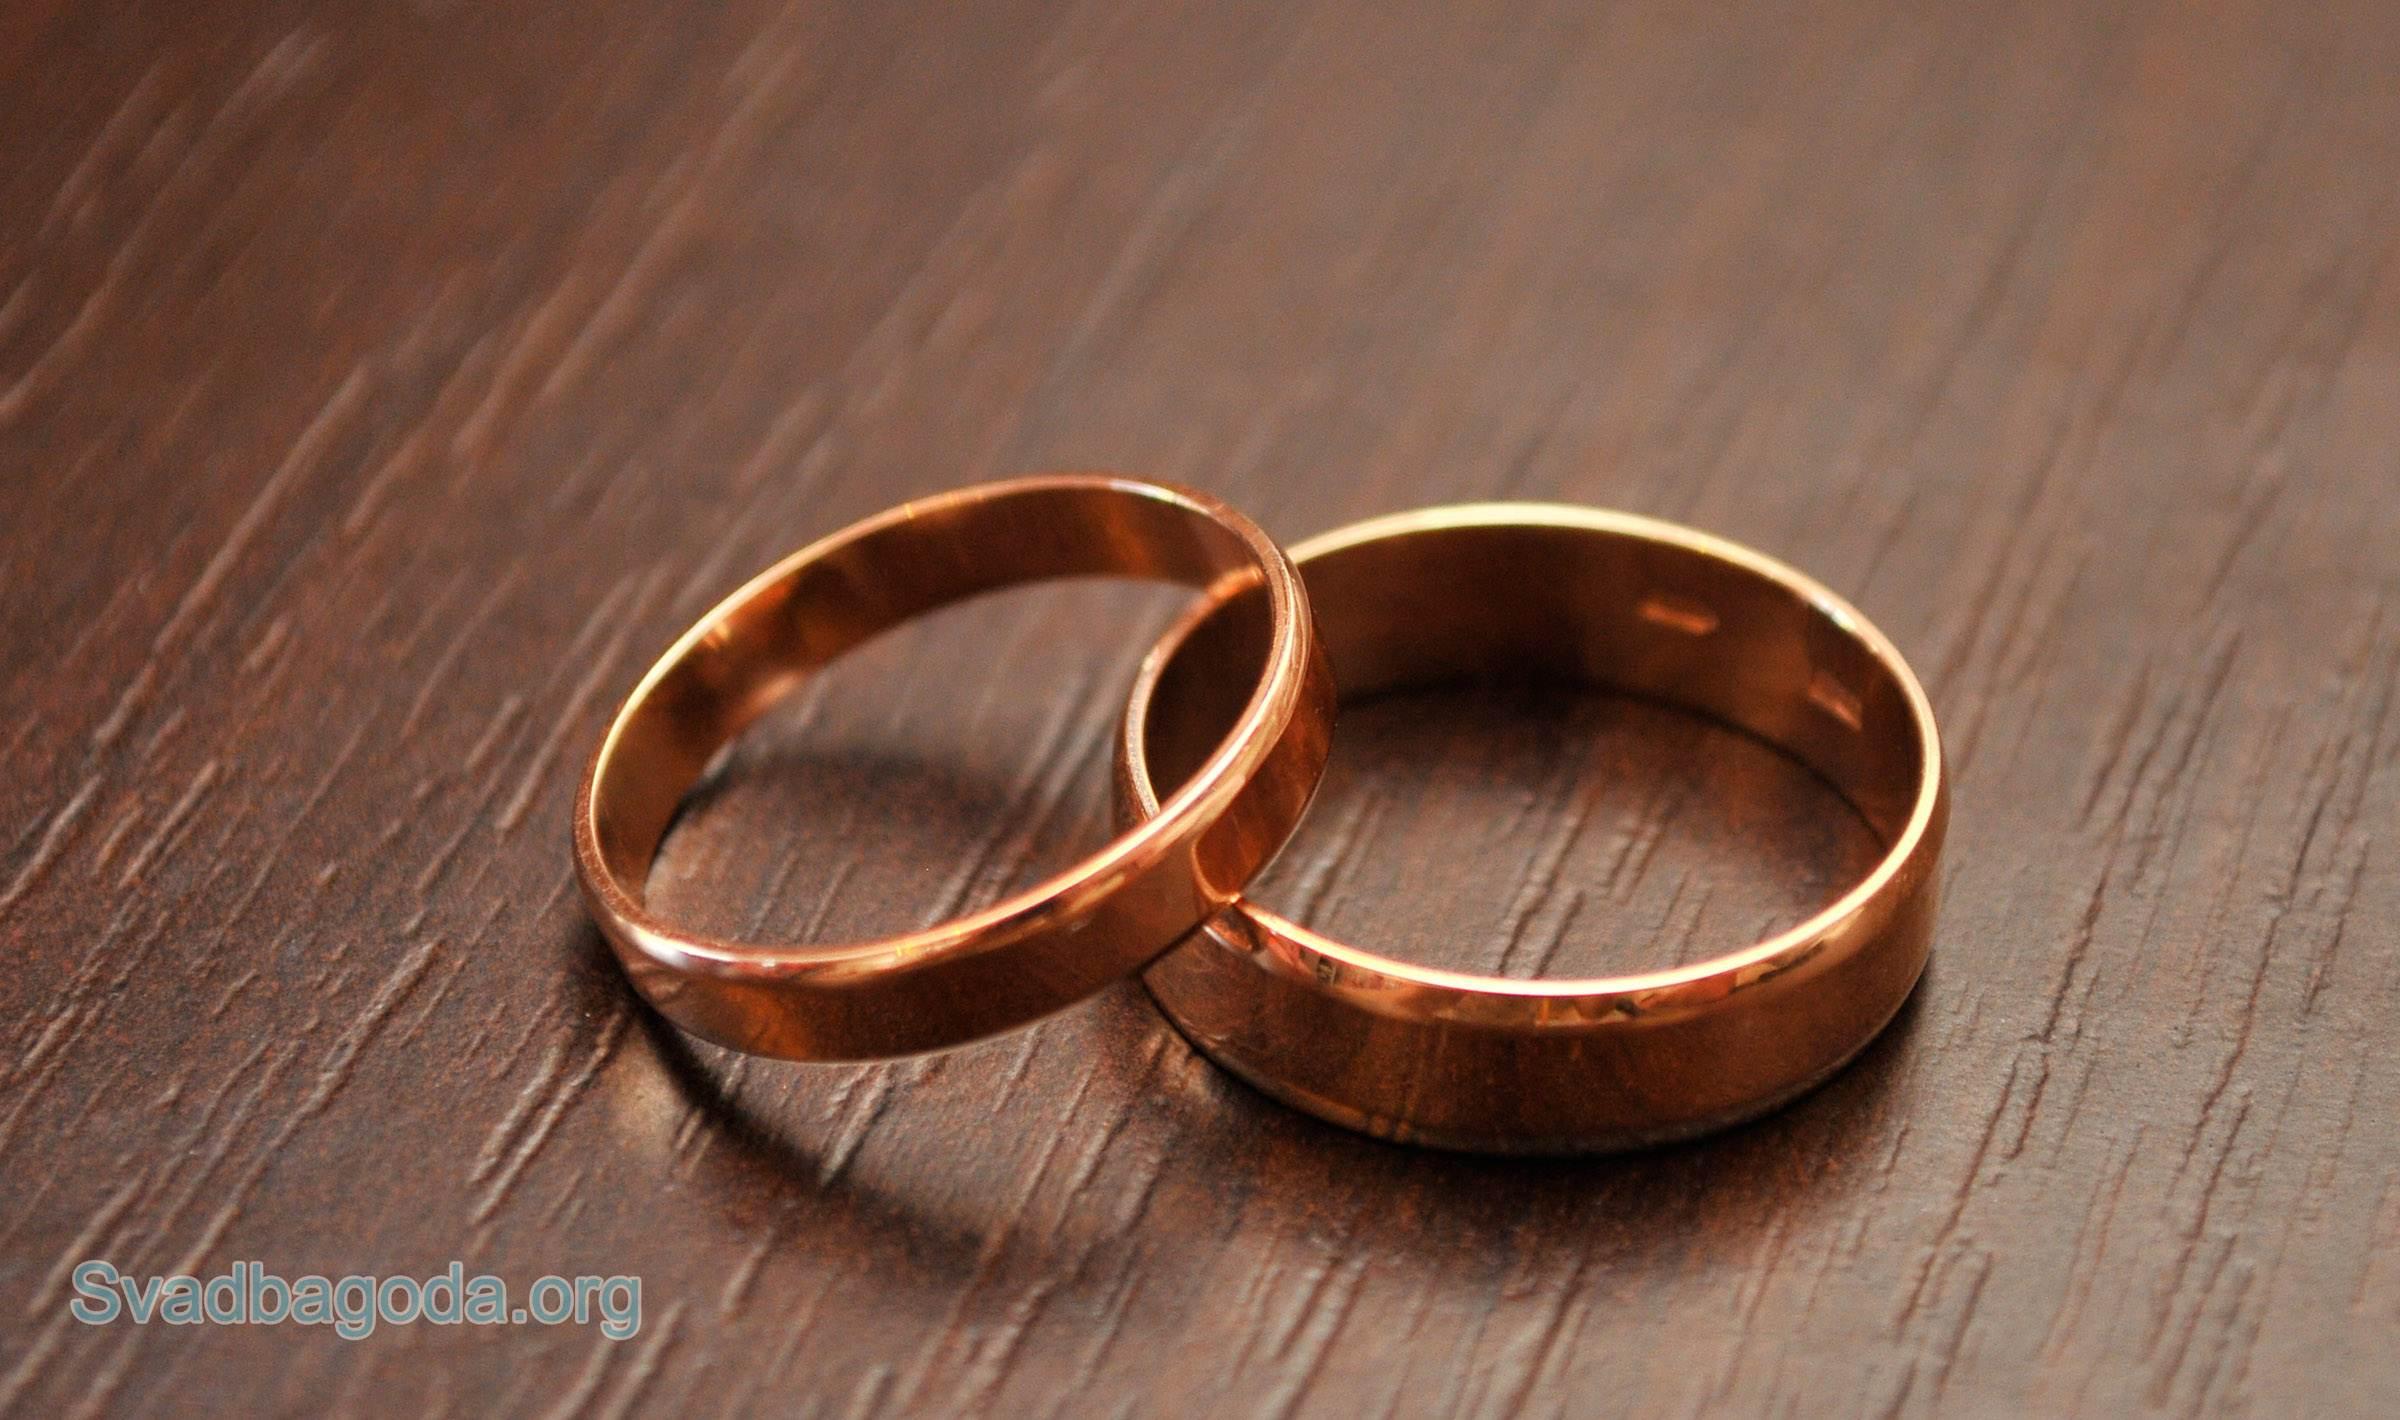 обручальные кольца для ЗАГСа Светлогорска